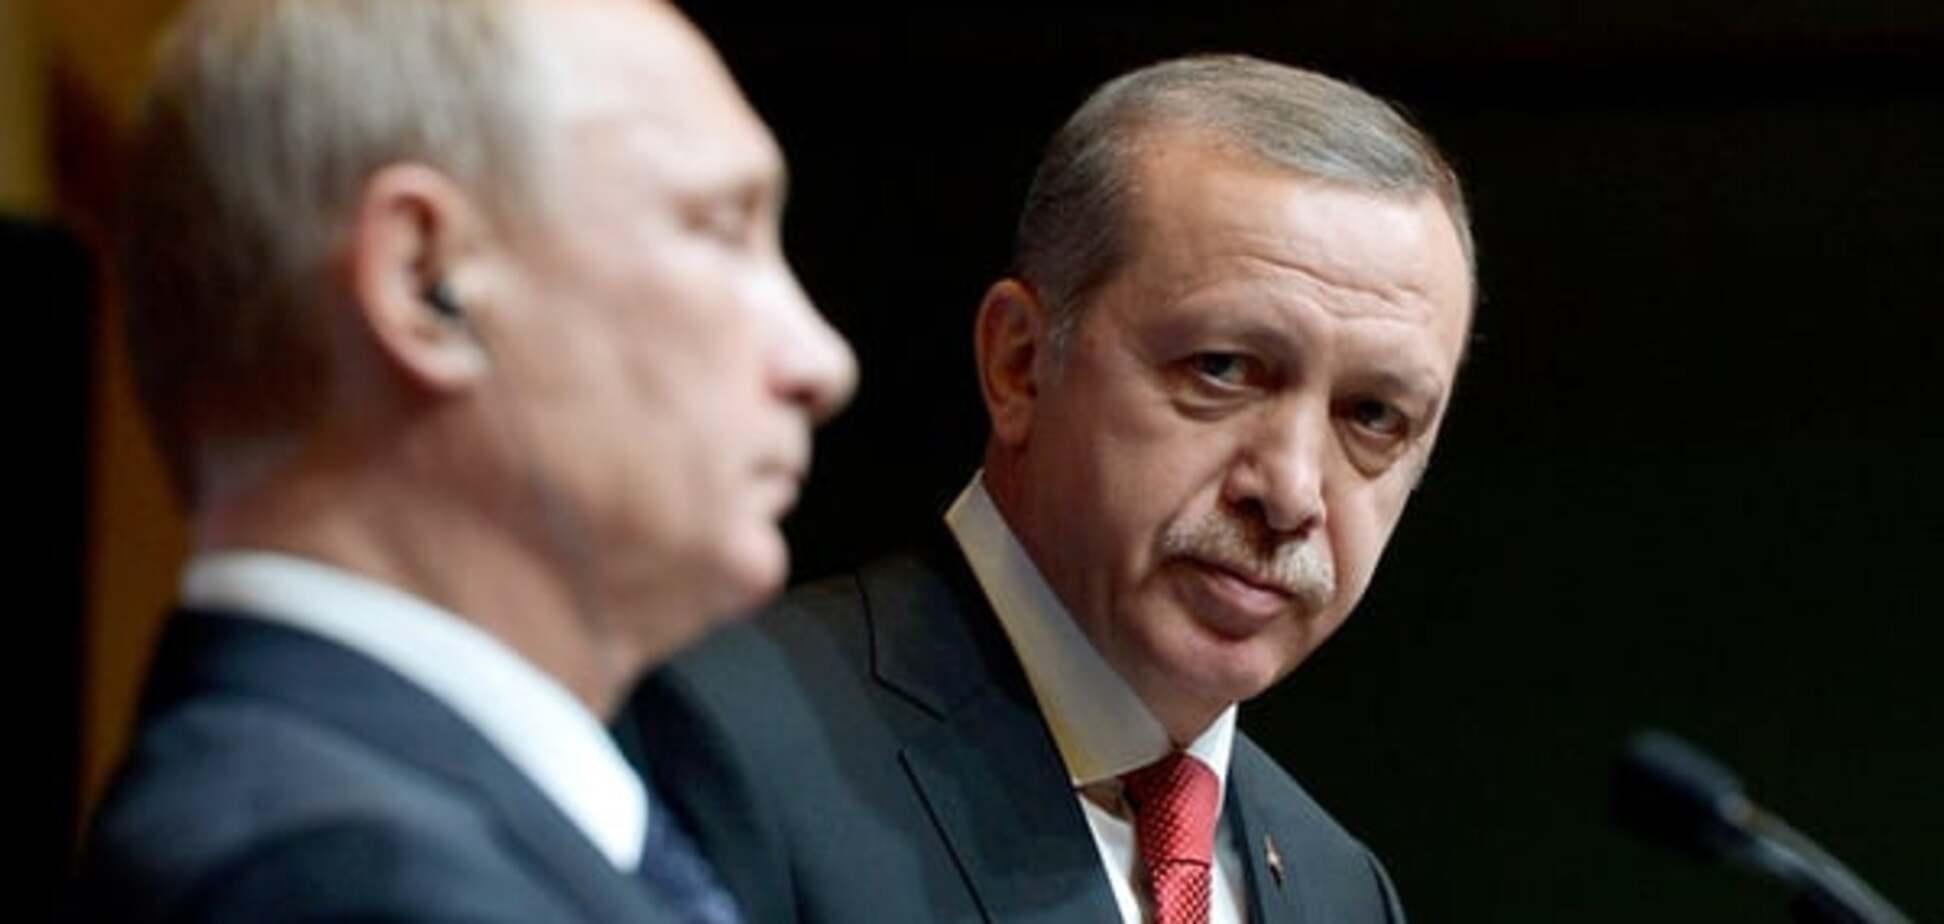 Сванідзе пояснив, чому Заходу вигідний конфлікт Путіна і Ердогана